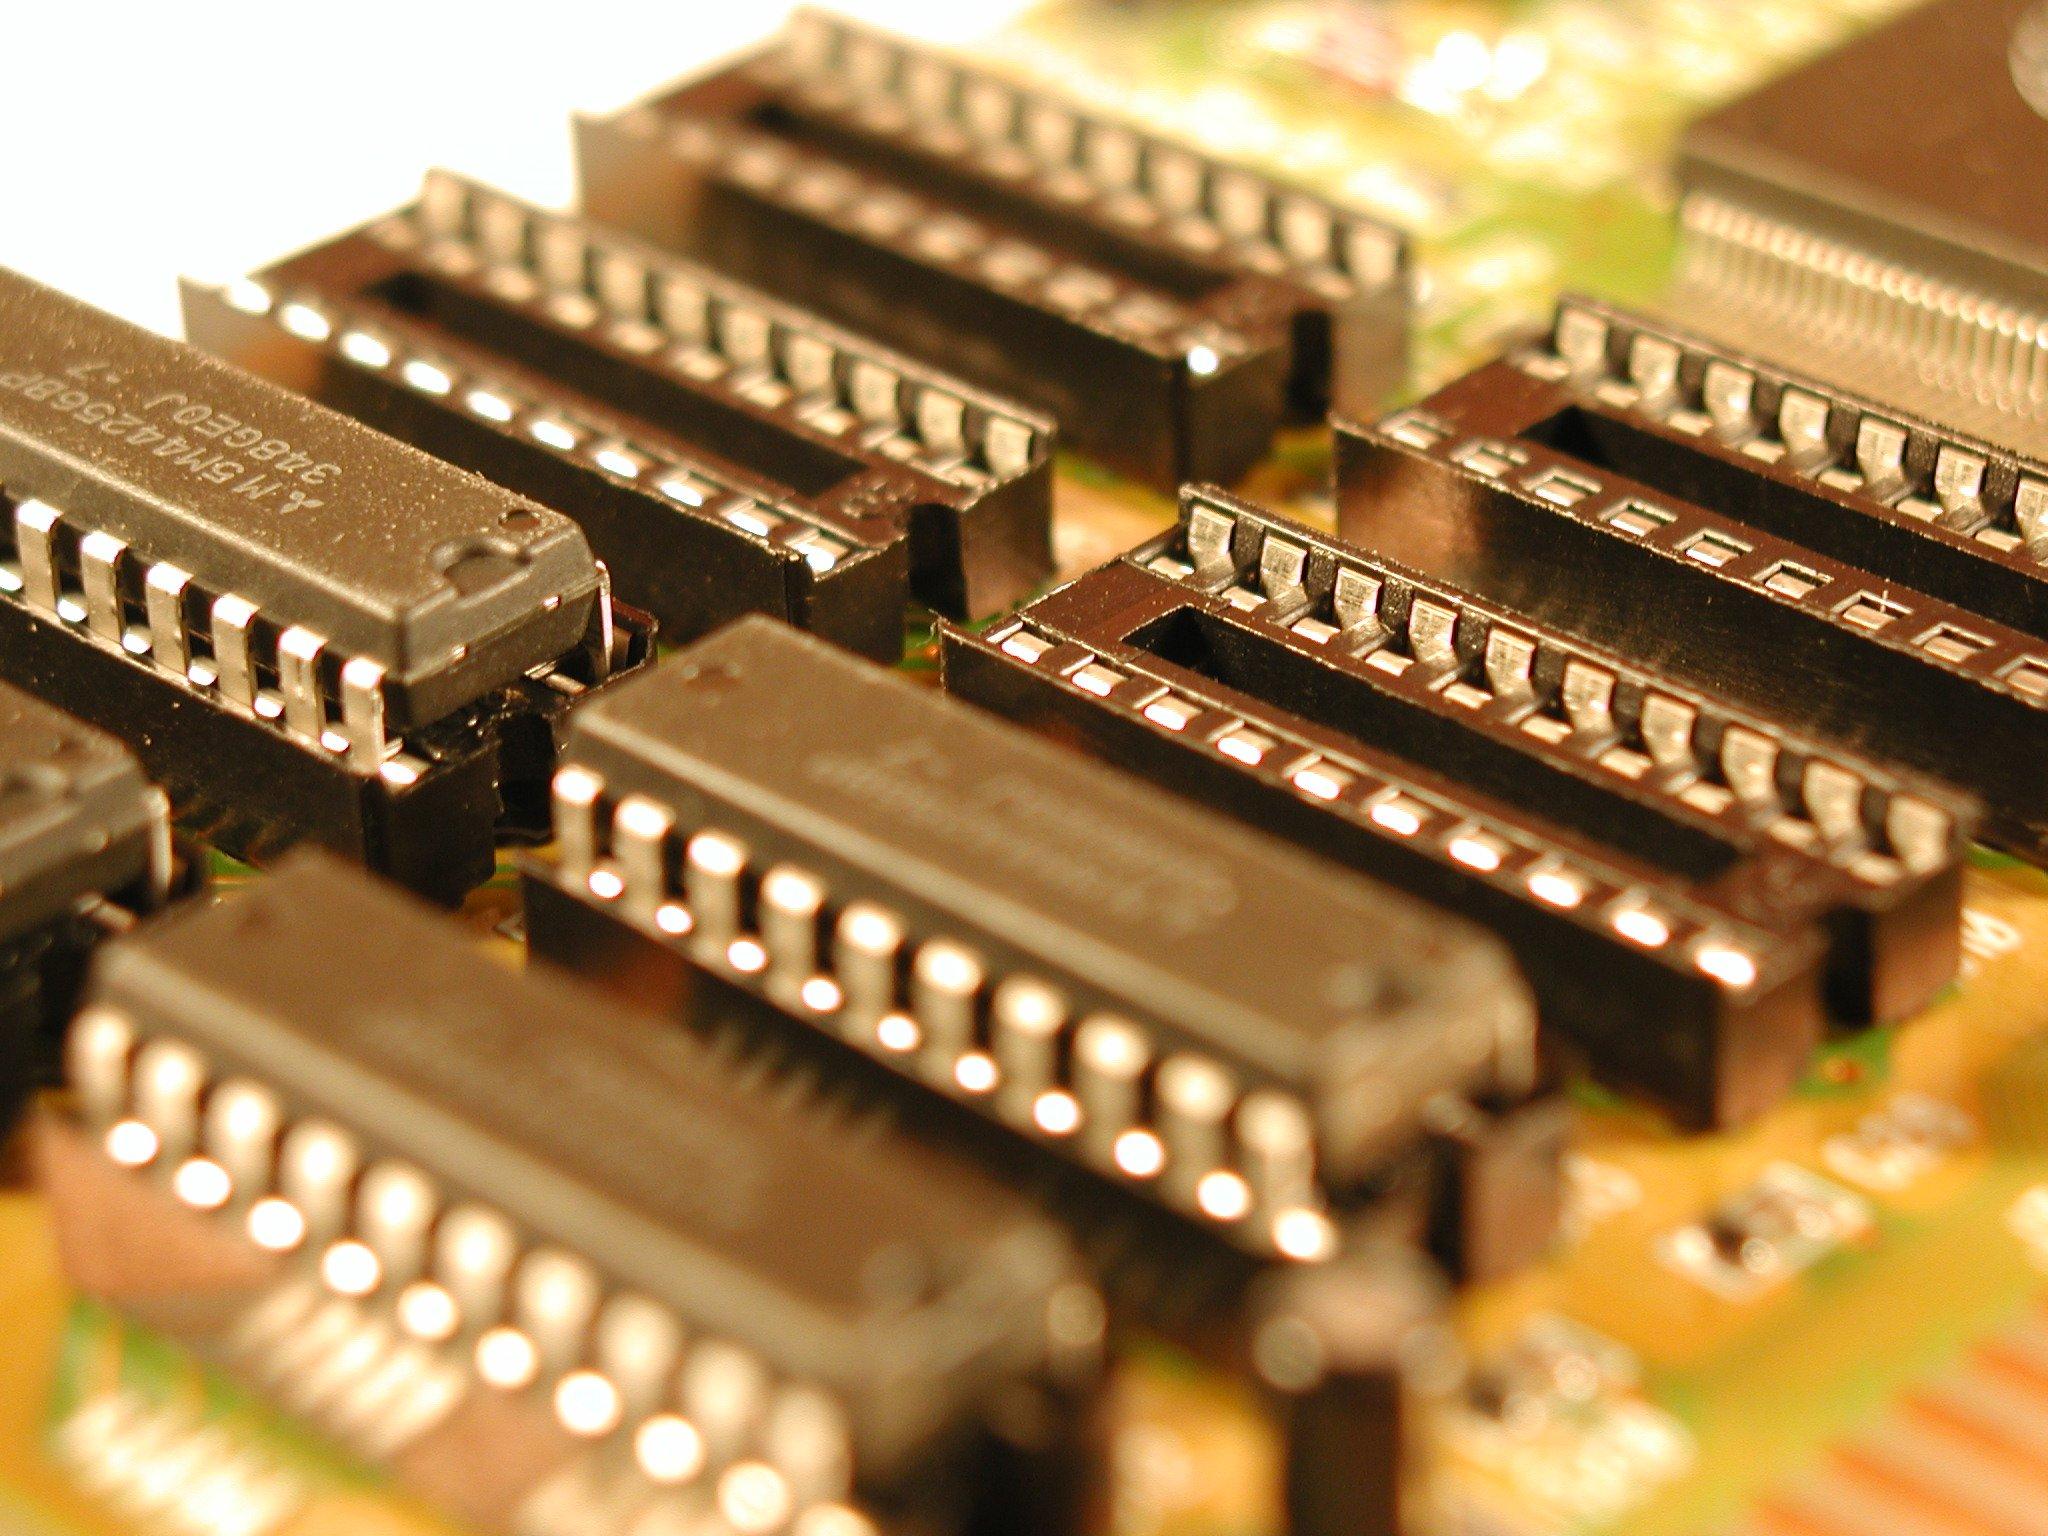 Kostenlose foto : Tafel, Technologie, Strom, Elektronik, Komponenten ...